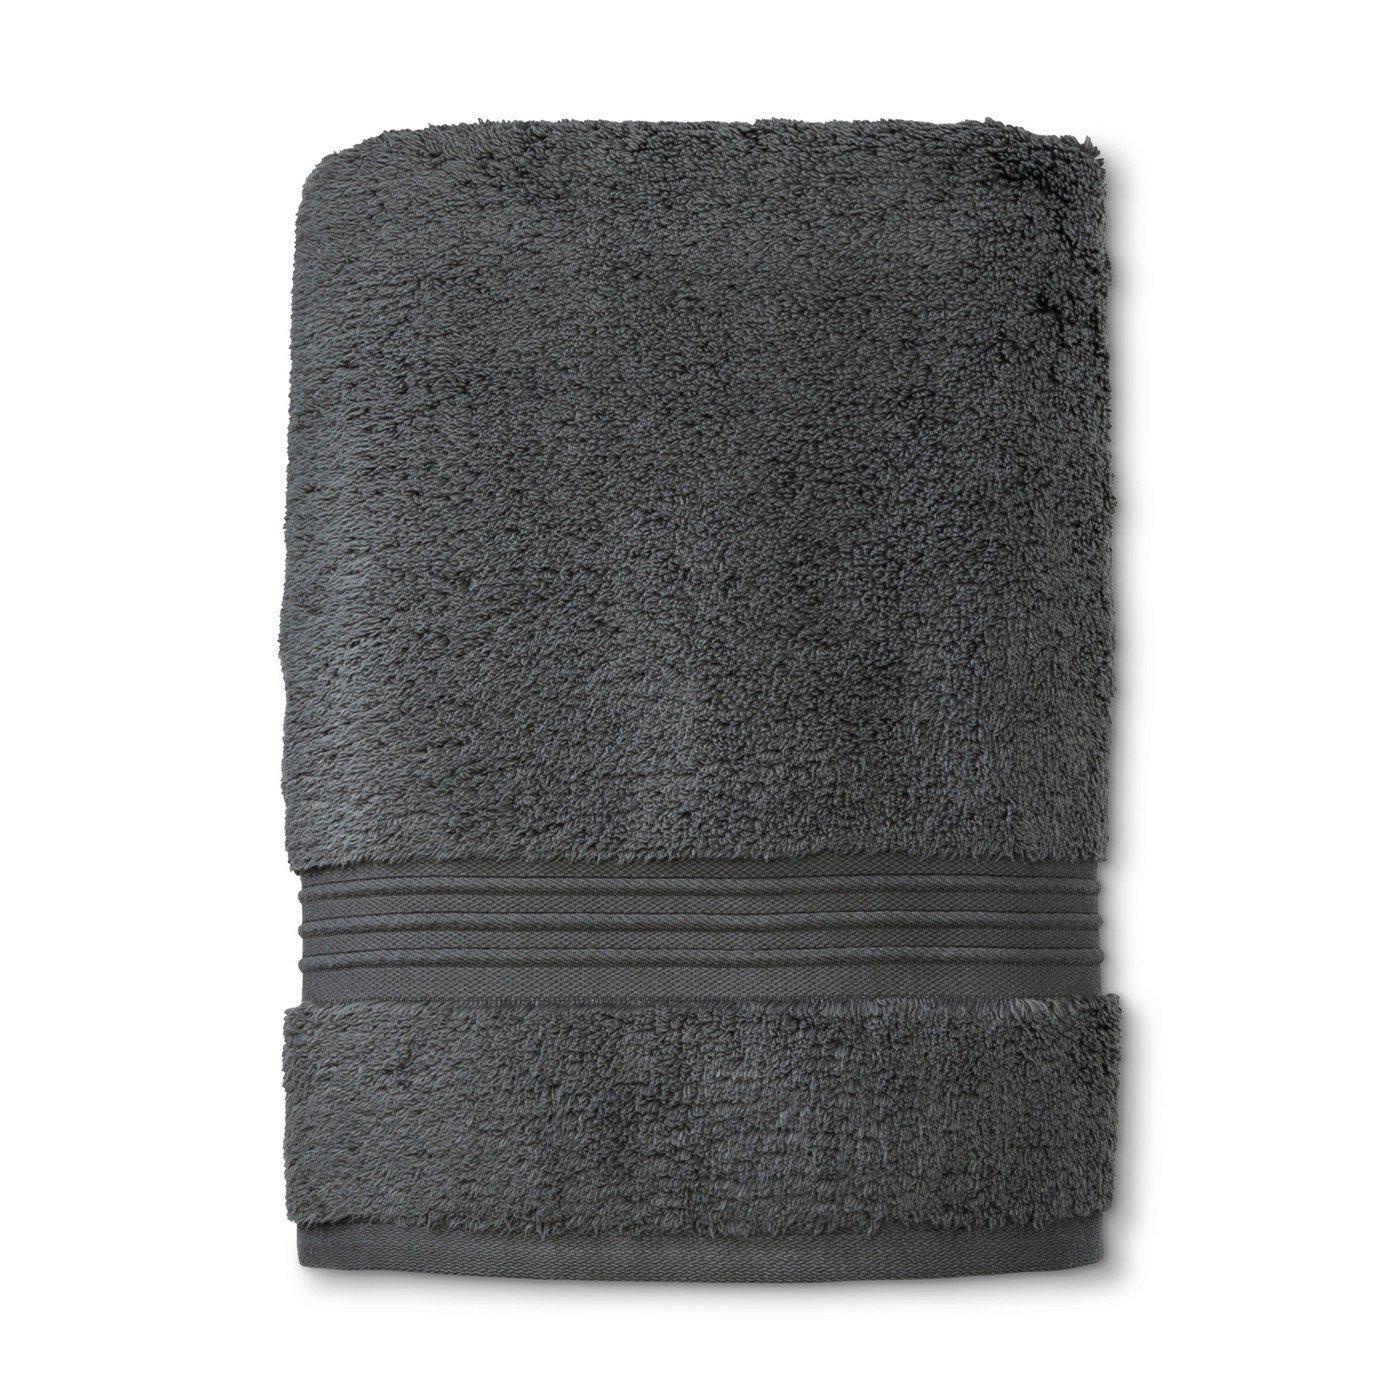 Fieldcrest Spa Molten Lead Bath Towel 30x56